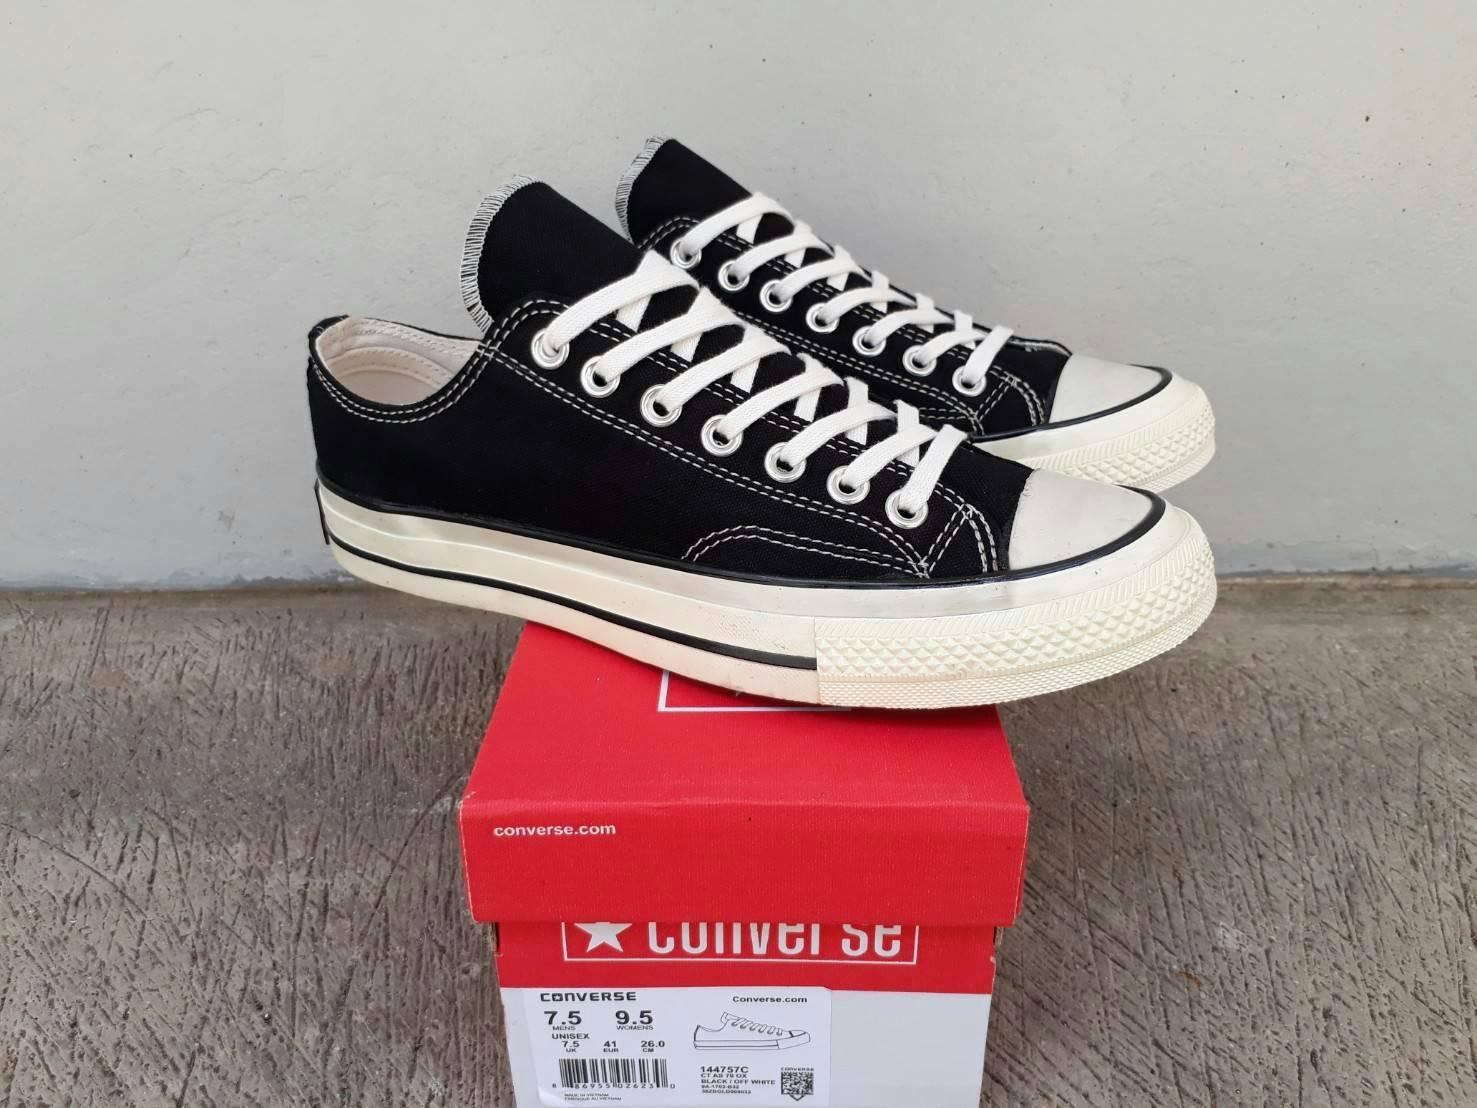 sepatu converse low 70.S Black white premium BNIB made in vietnam